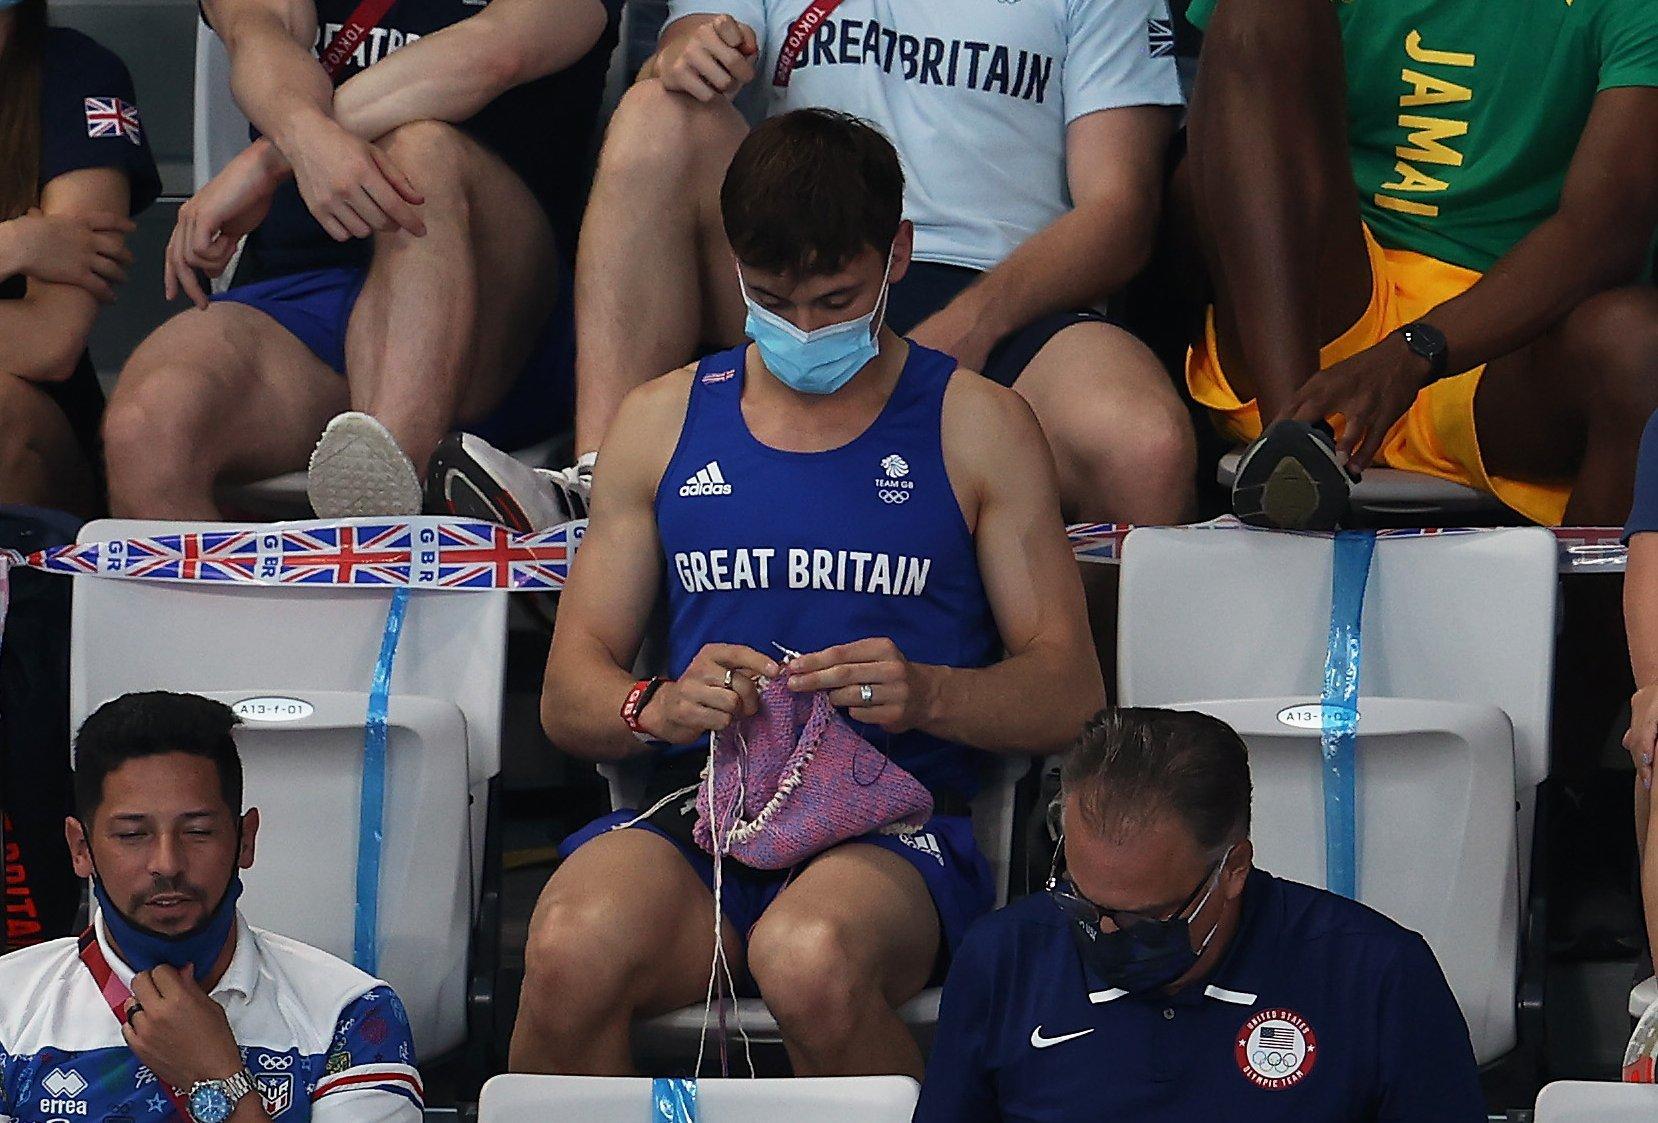 La imagen más inesperada de los Juegos Olímpicos: el saltador británico Tom Daley hace ganchillo en la grada